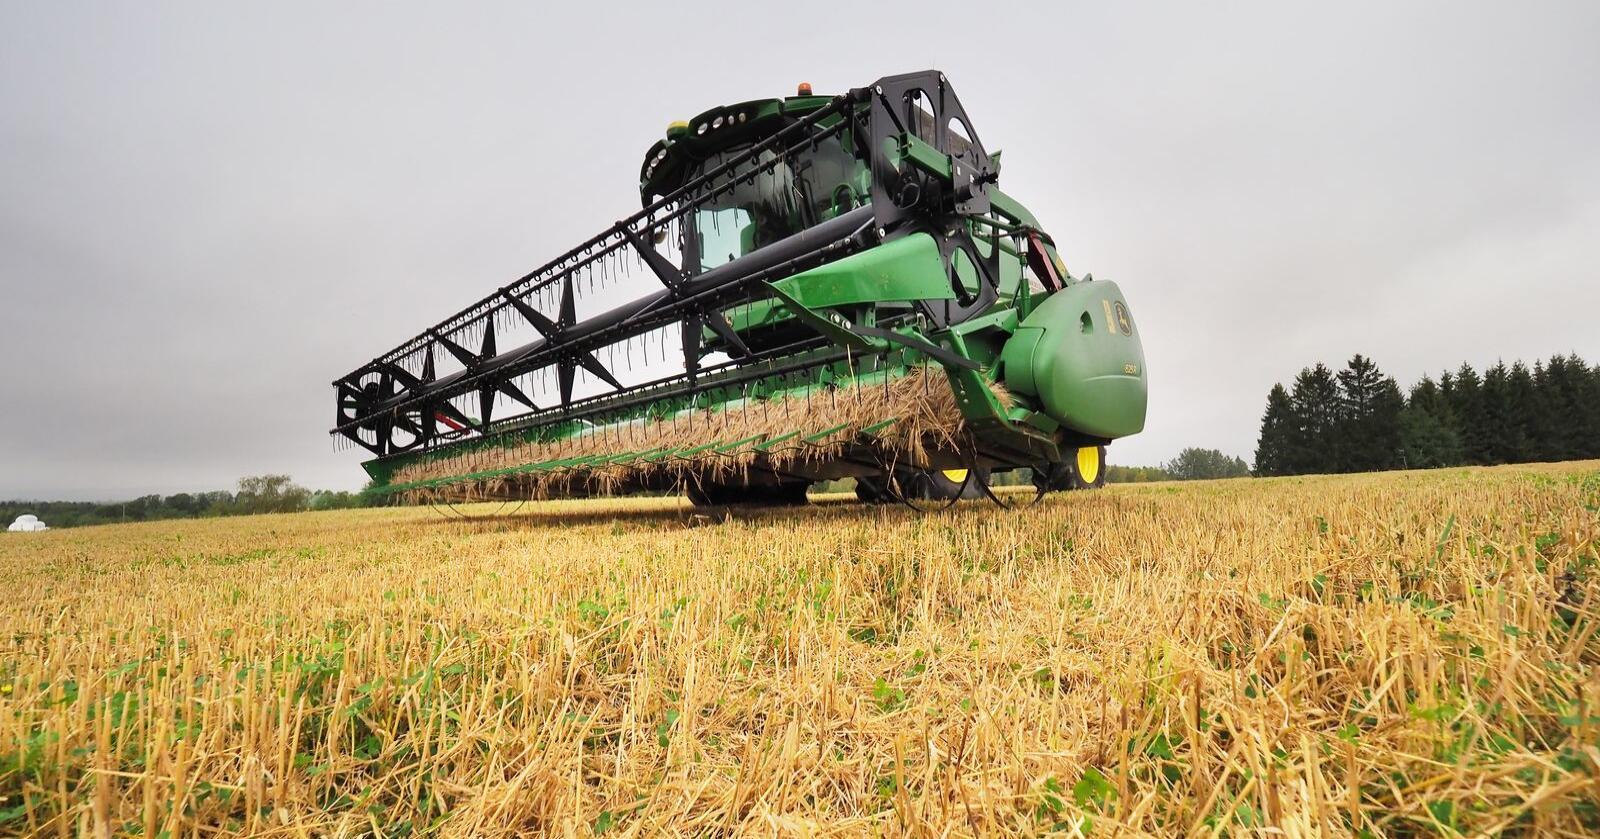 Fylkesmannen i Trøndelag reknar at om lag 10 prosent av kornet er hausta inn i midten av september. Foto: Siri Juell Rasmussen